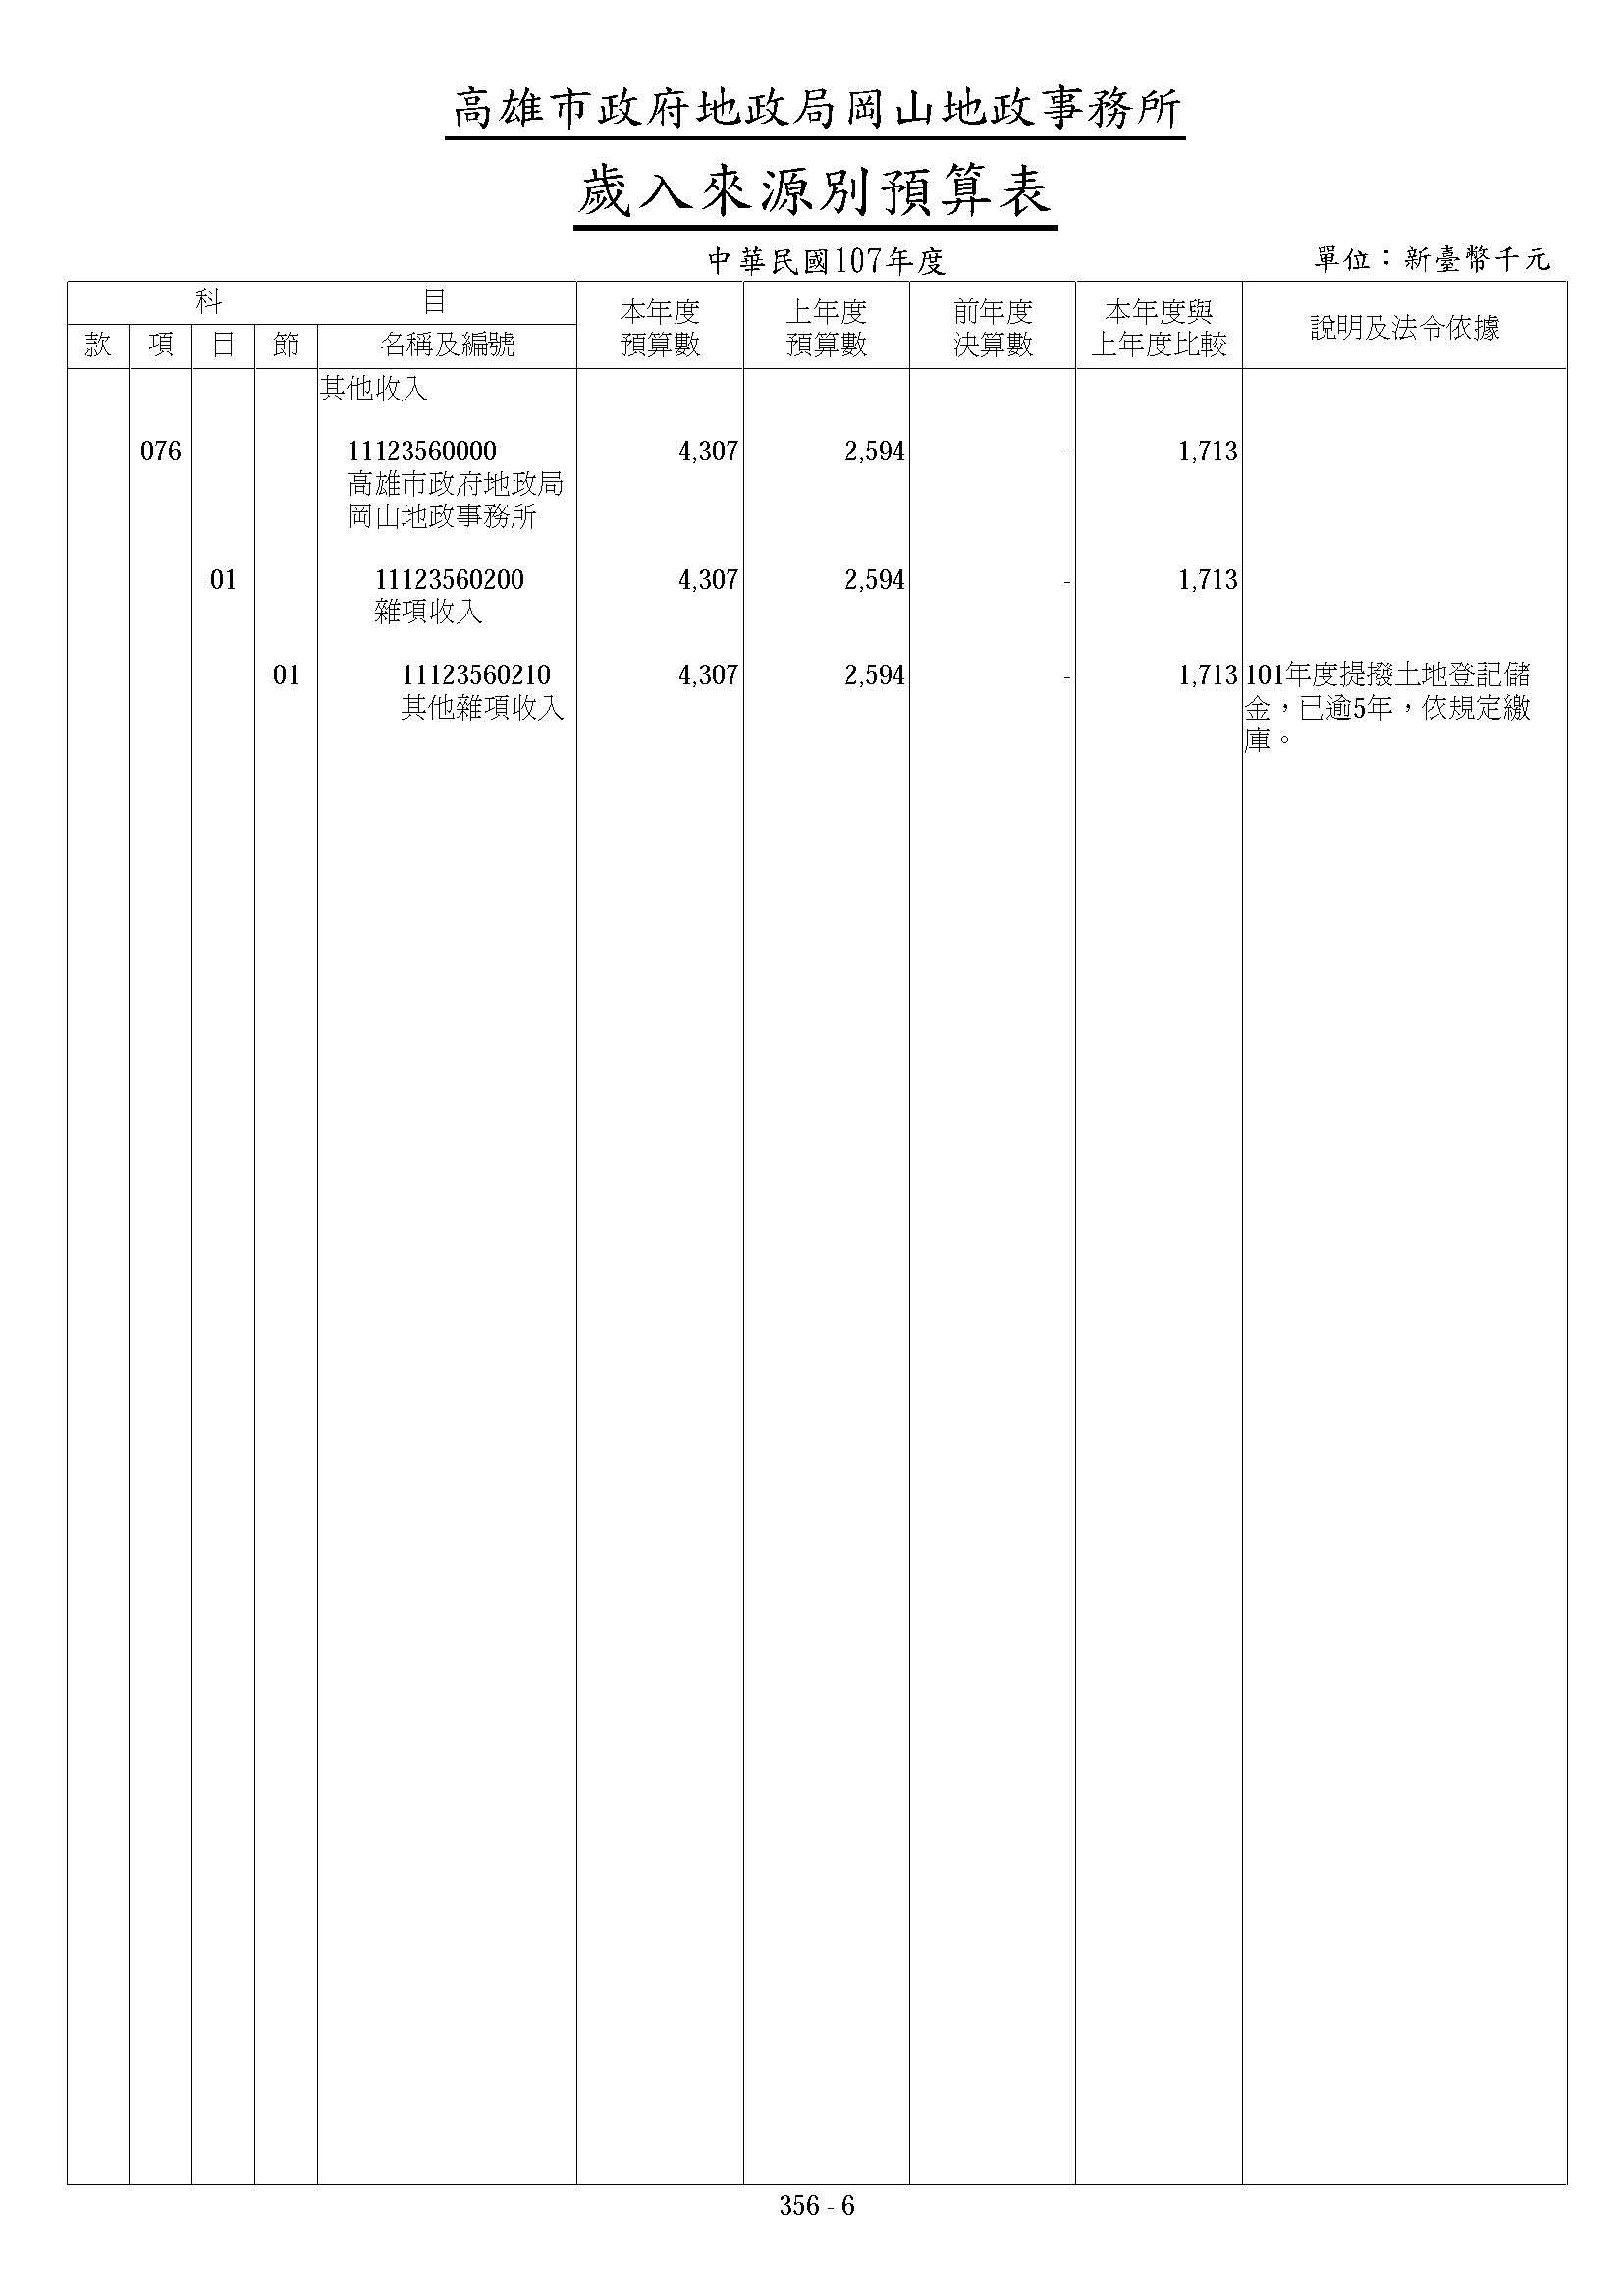 高雄市政府地政局岡山地政事務所107年歲入來源別算表下半部